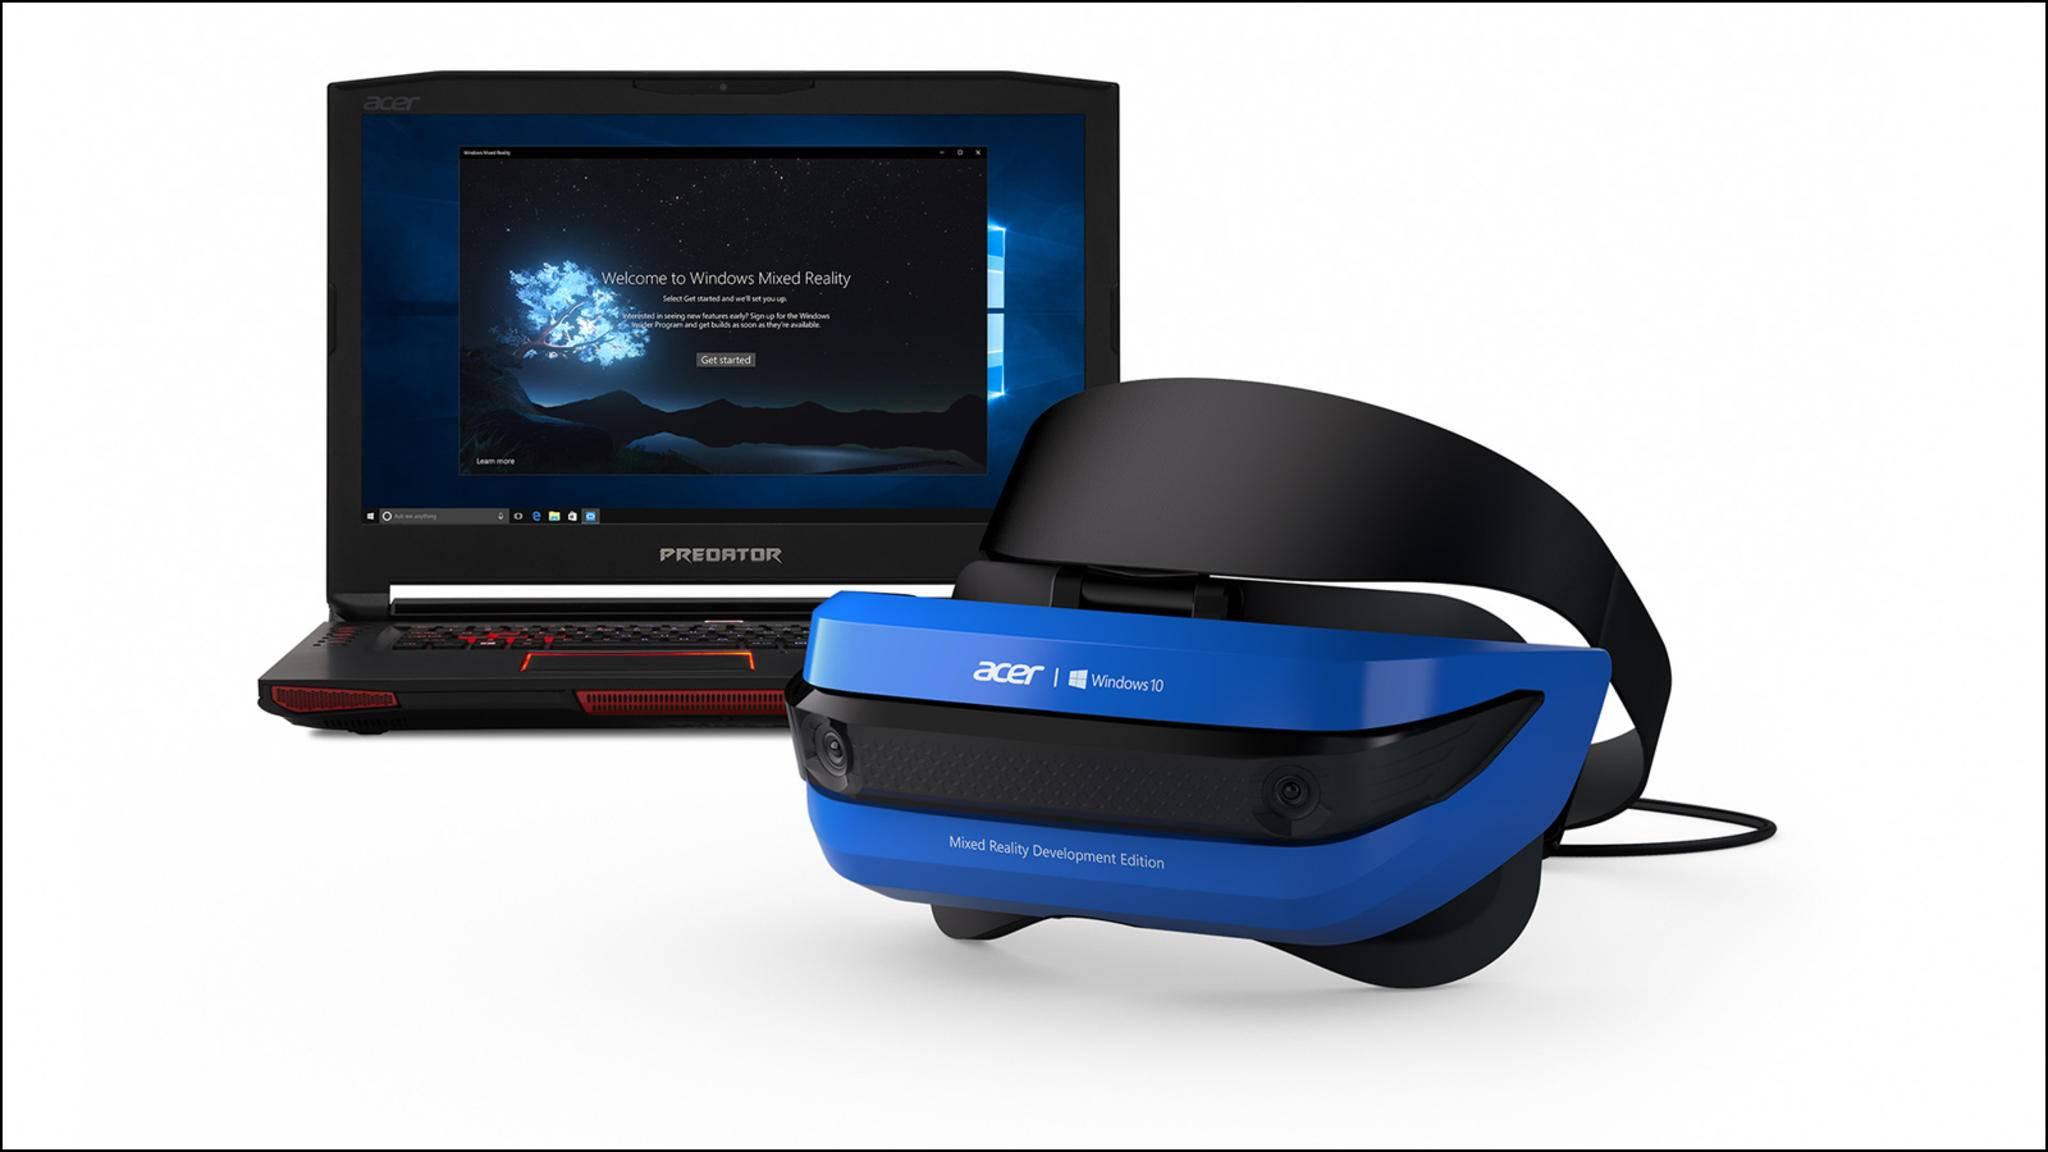 Acer bringt eine Mixed-Reality-Brille heraus, die 2018 als Verkaufsmodell erscheinen soll.